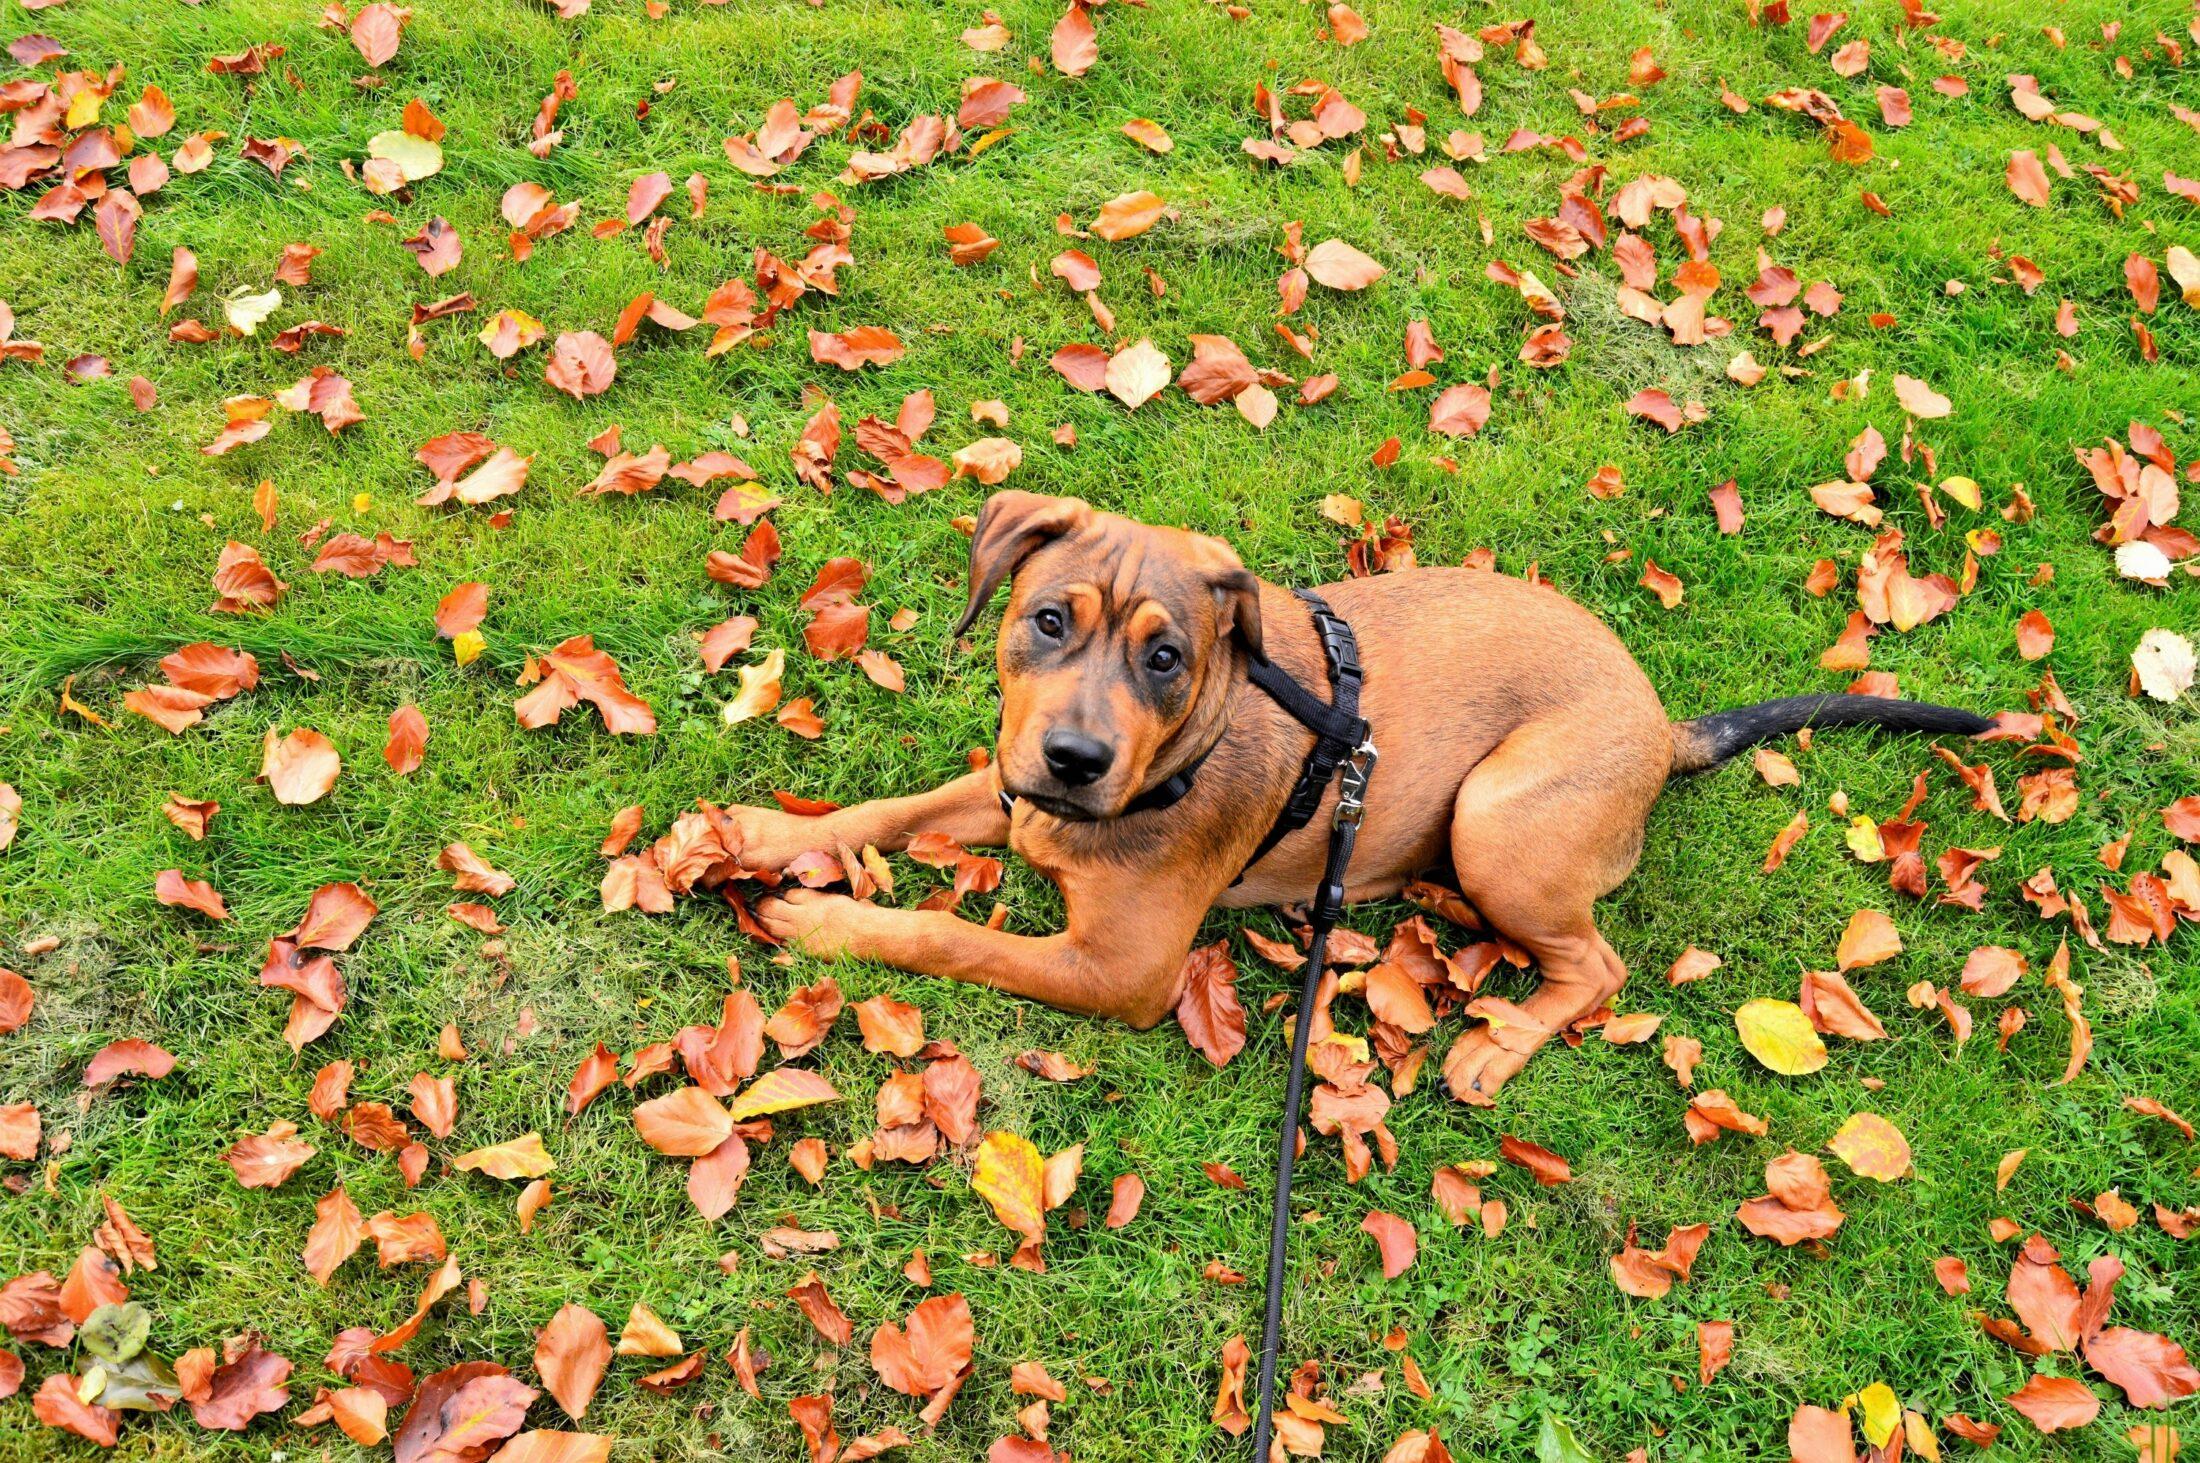 cachorro ocm ciúmes deitado na grama